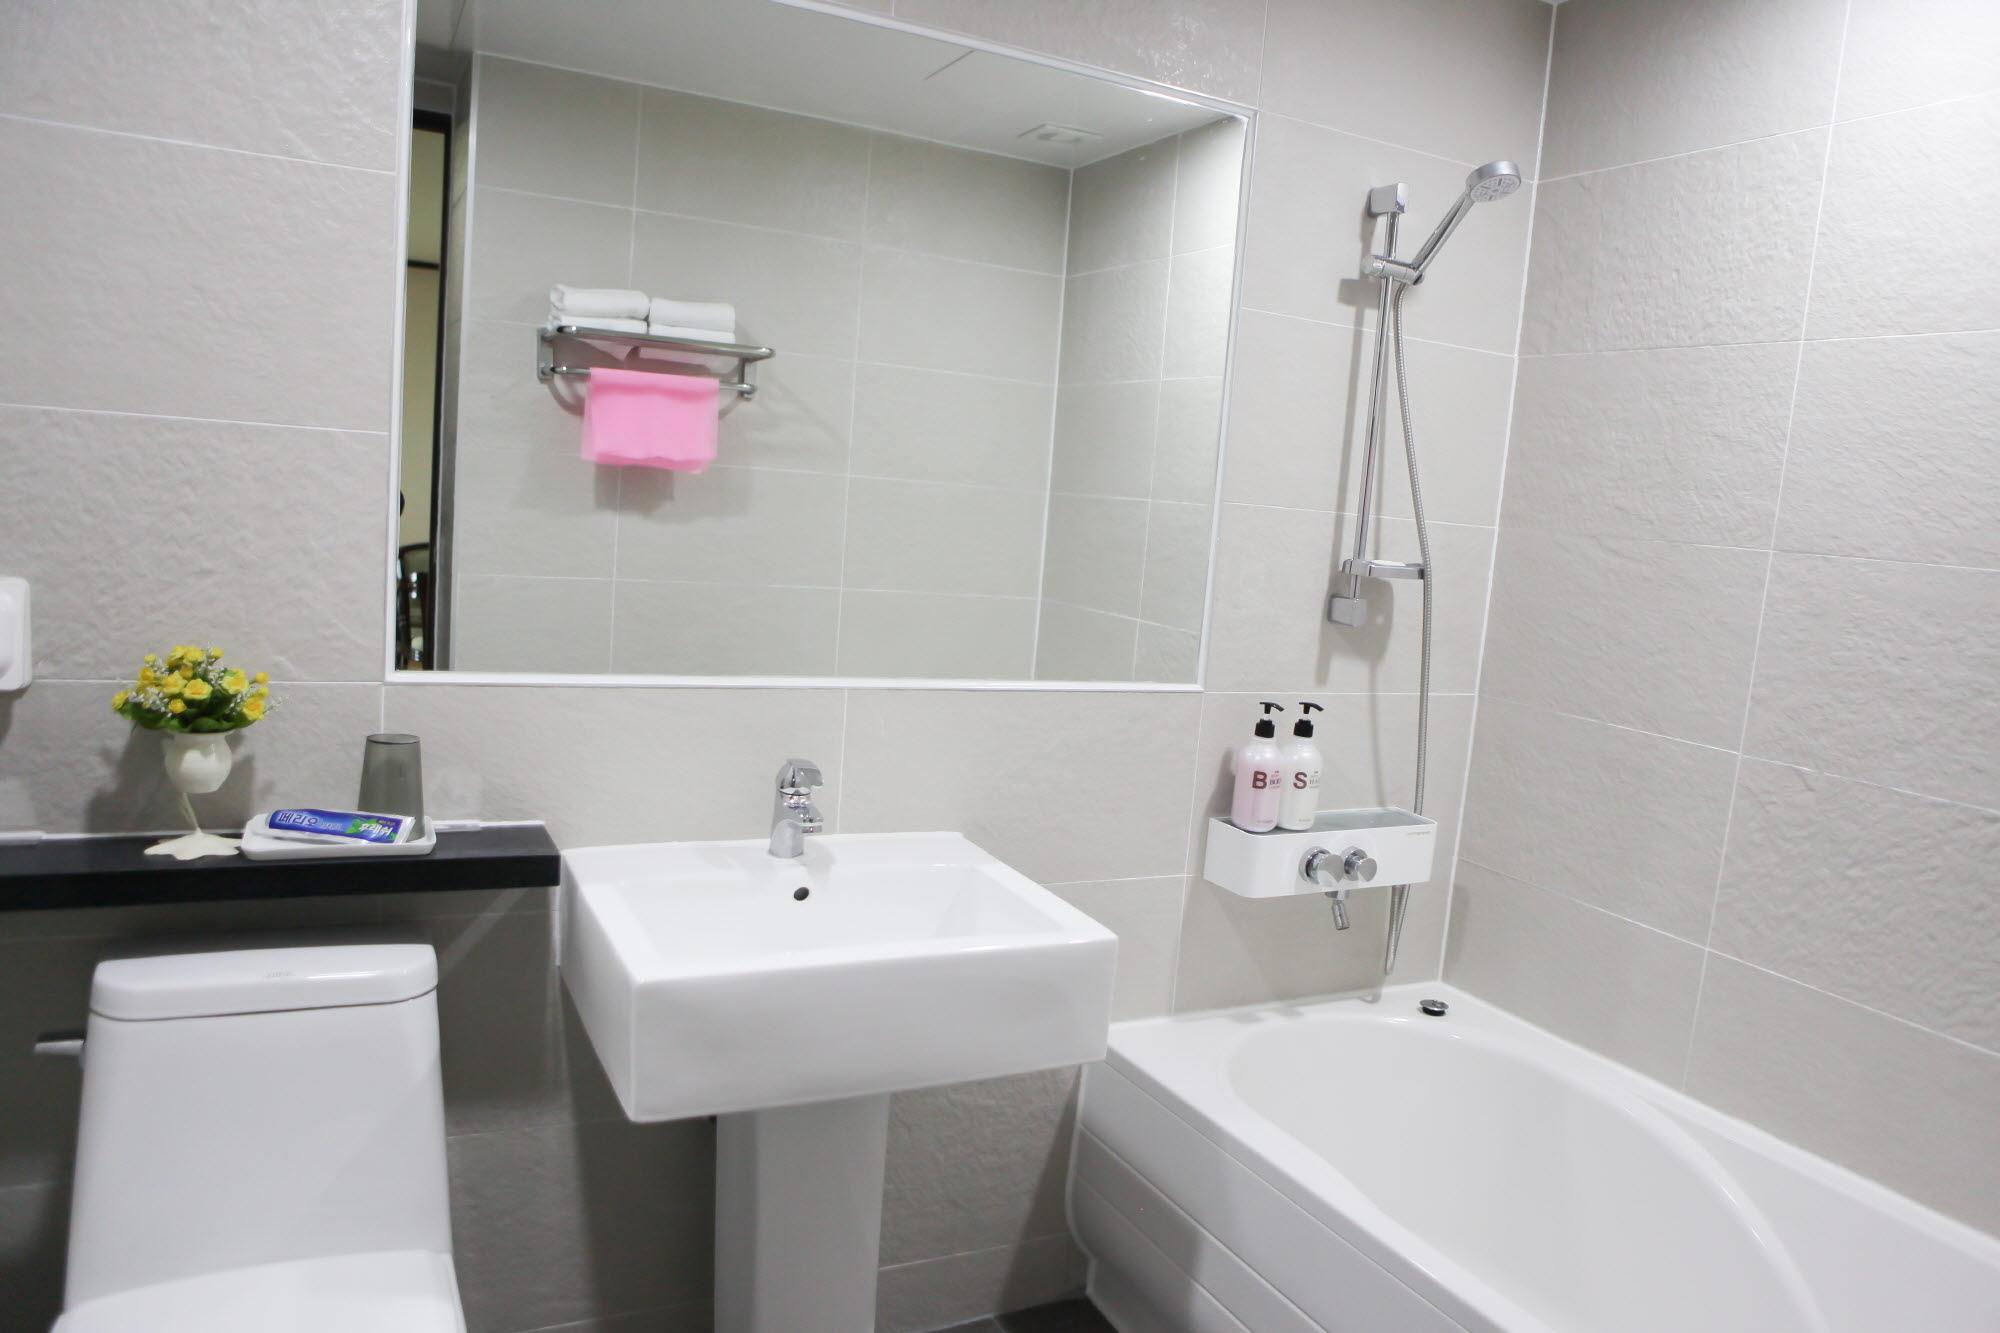 VIP룸 - VIP룸 욕실